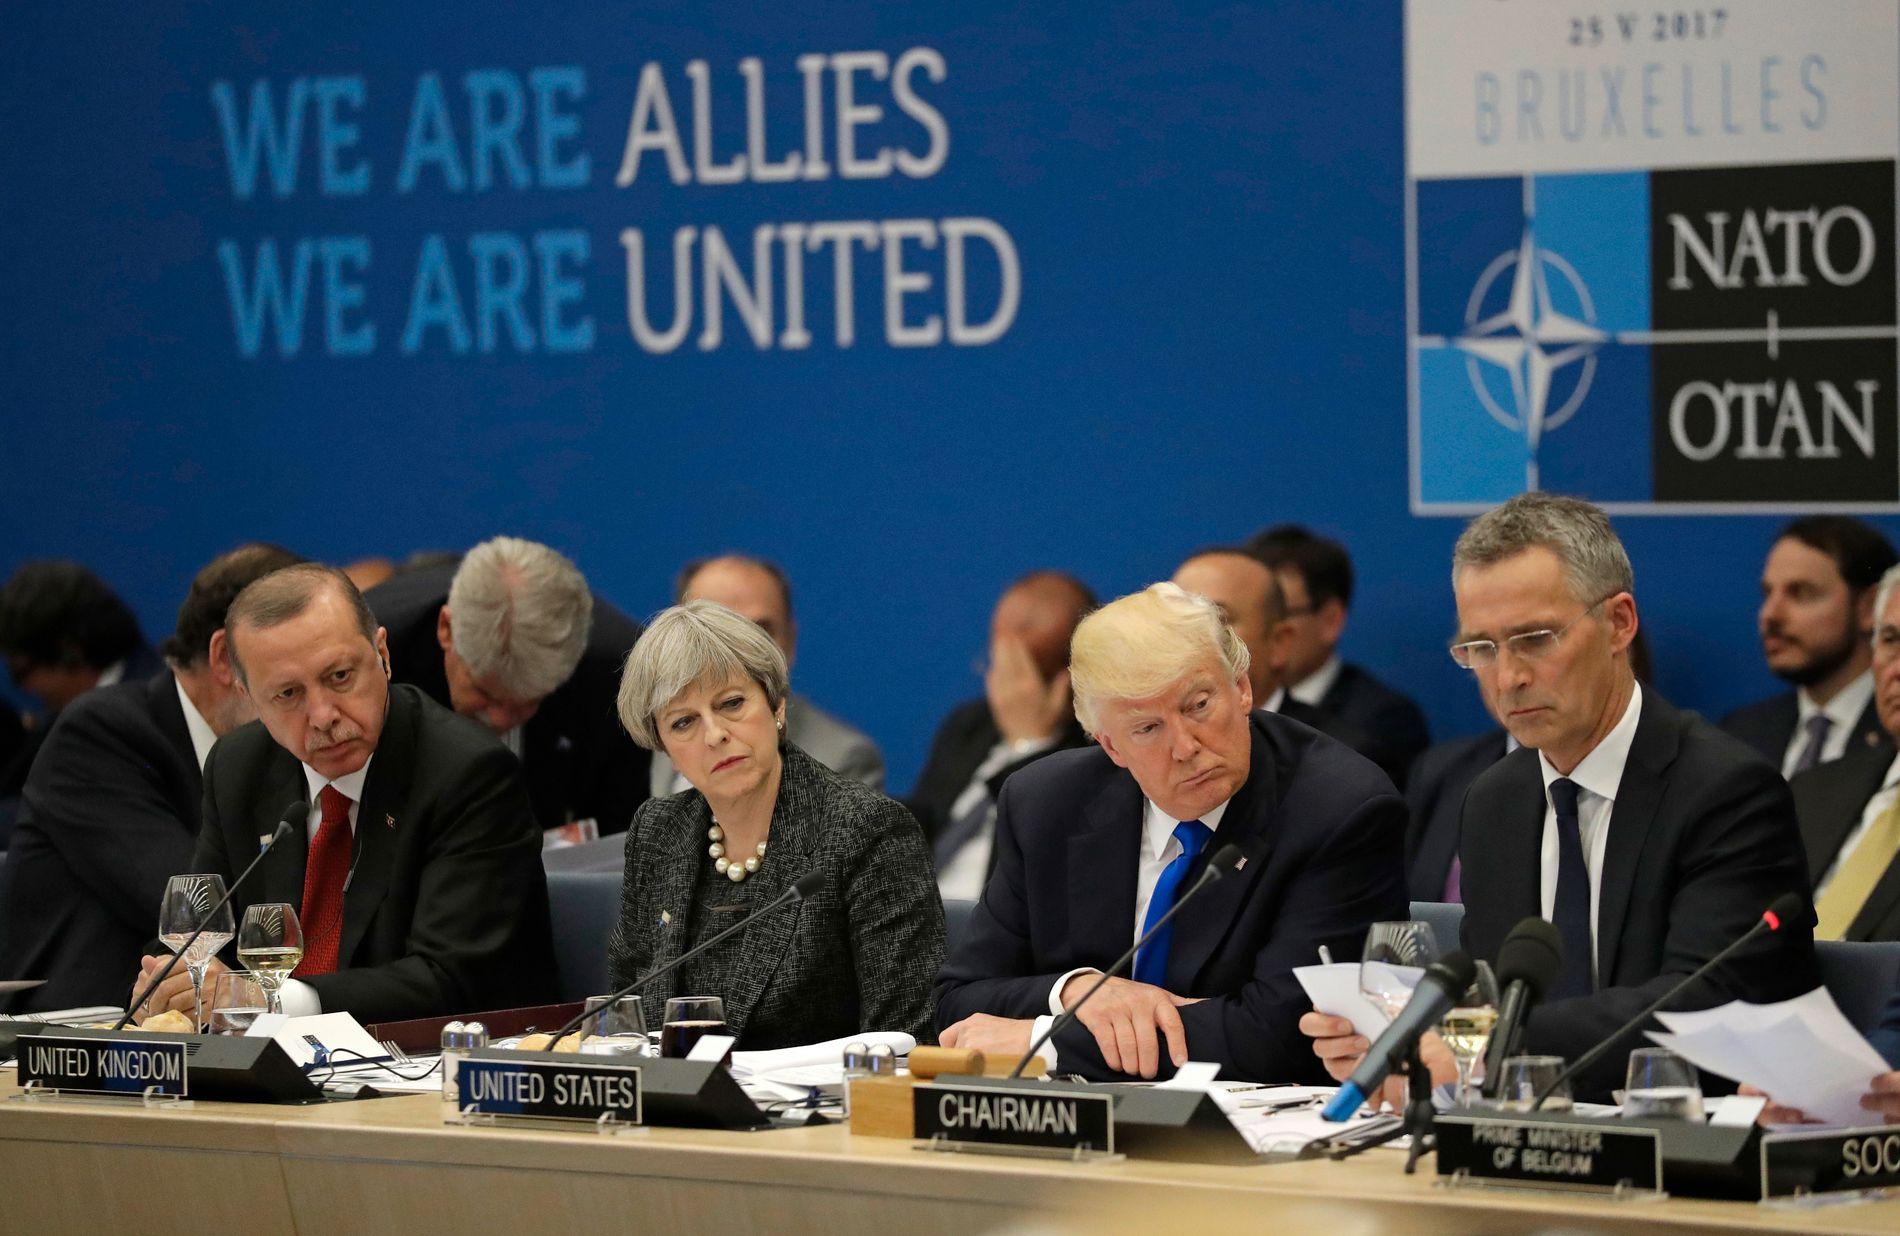 PÅ NATO-TOPPMØTE: Tyrkias president Recep Tayyip Erdogan, Storbritannias statsminister Theresa May, USAs president Donald Trump og Jens Stoltenberg, NATOs generalsekretær, på NATOs toppmøte i Brussel i mai.